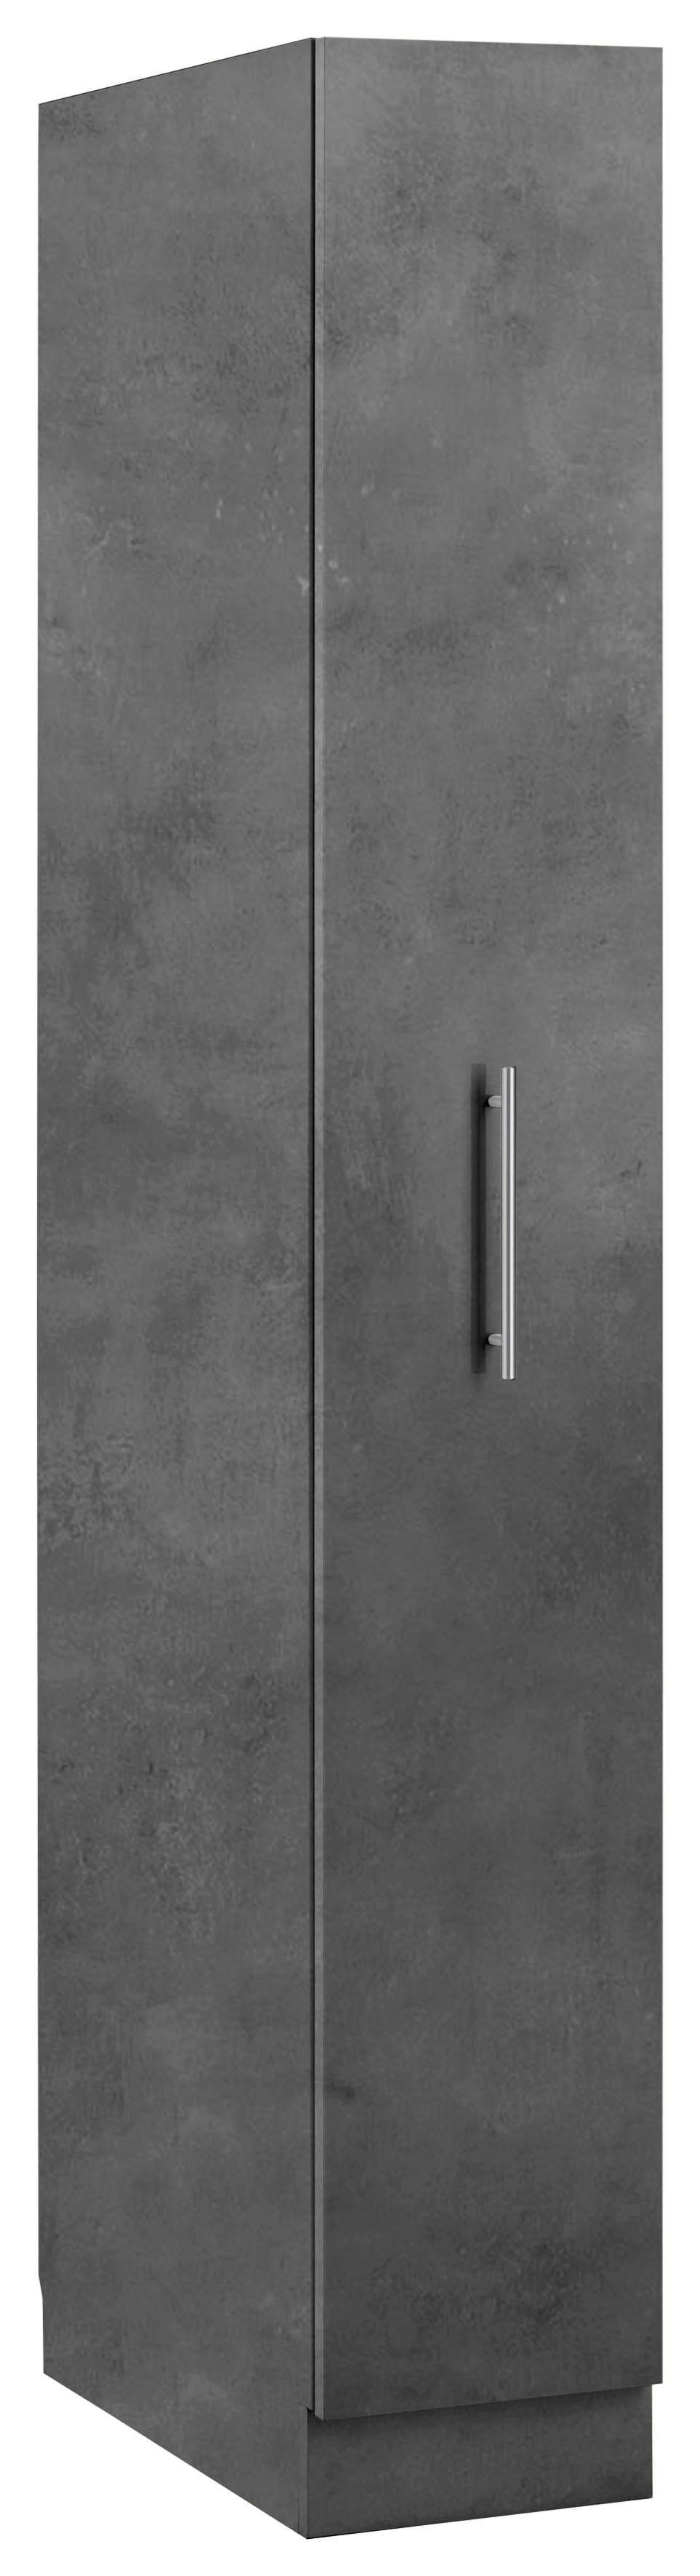 wiho Küchen Apothekerschrank Cali | Küche und Esszimmer > Küchenschränke > Apothekerschränke | Wiho Küchen